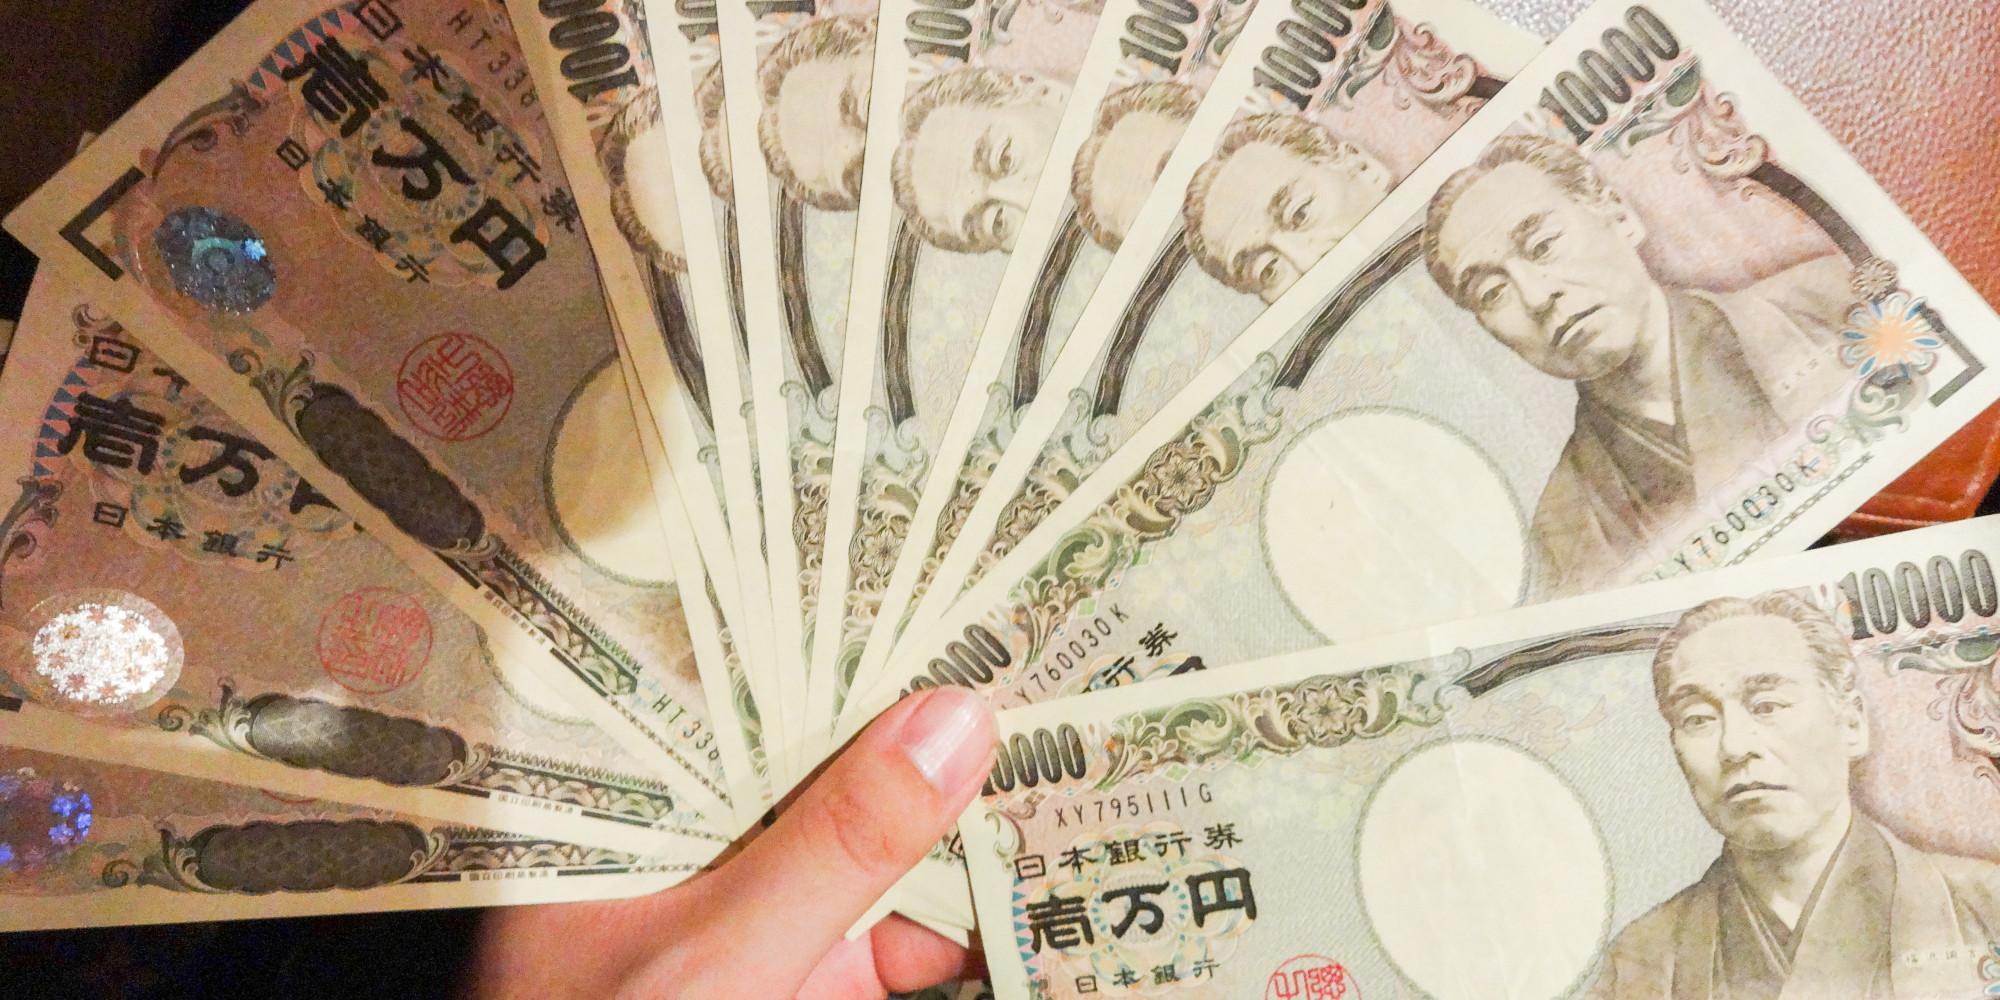 夏のボーナス2015、大手企業は91万円 企業規模別・業種別で比べると?